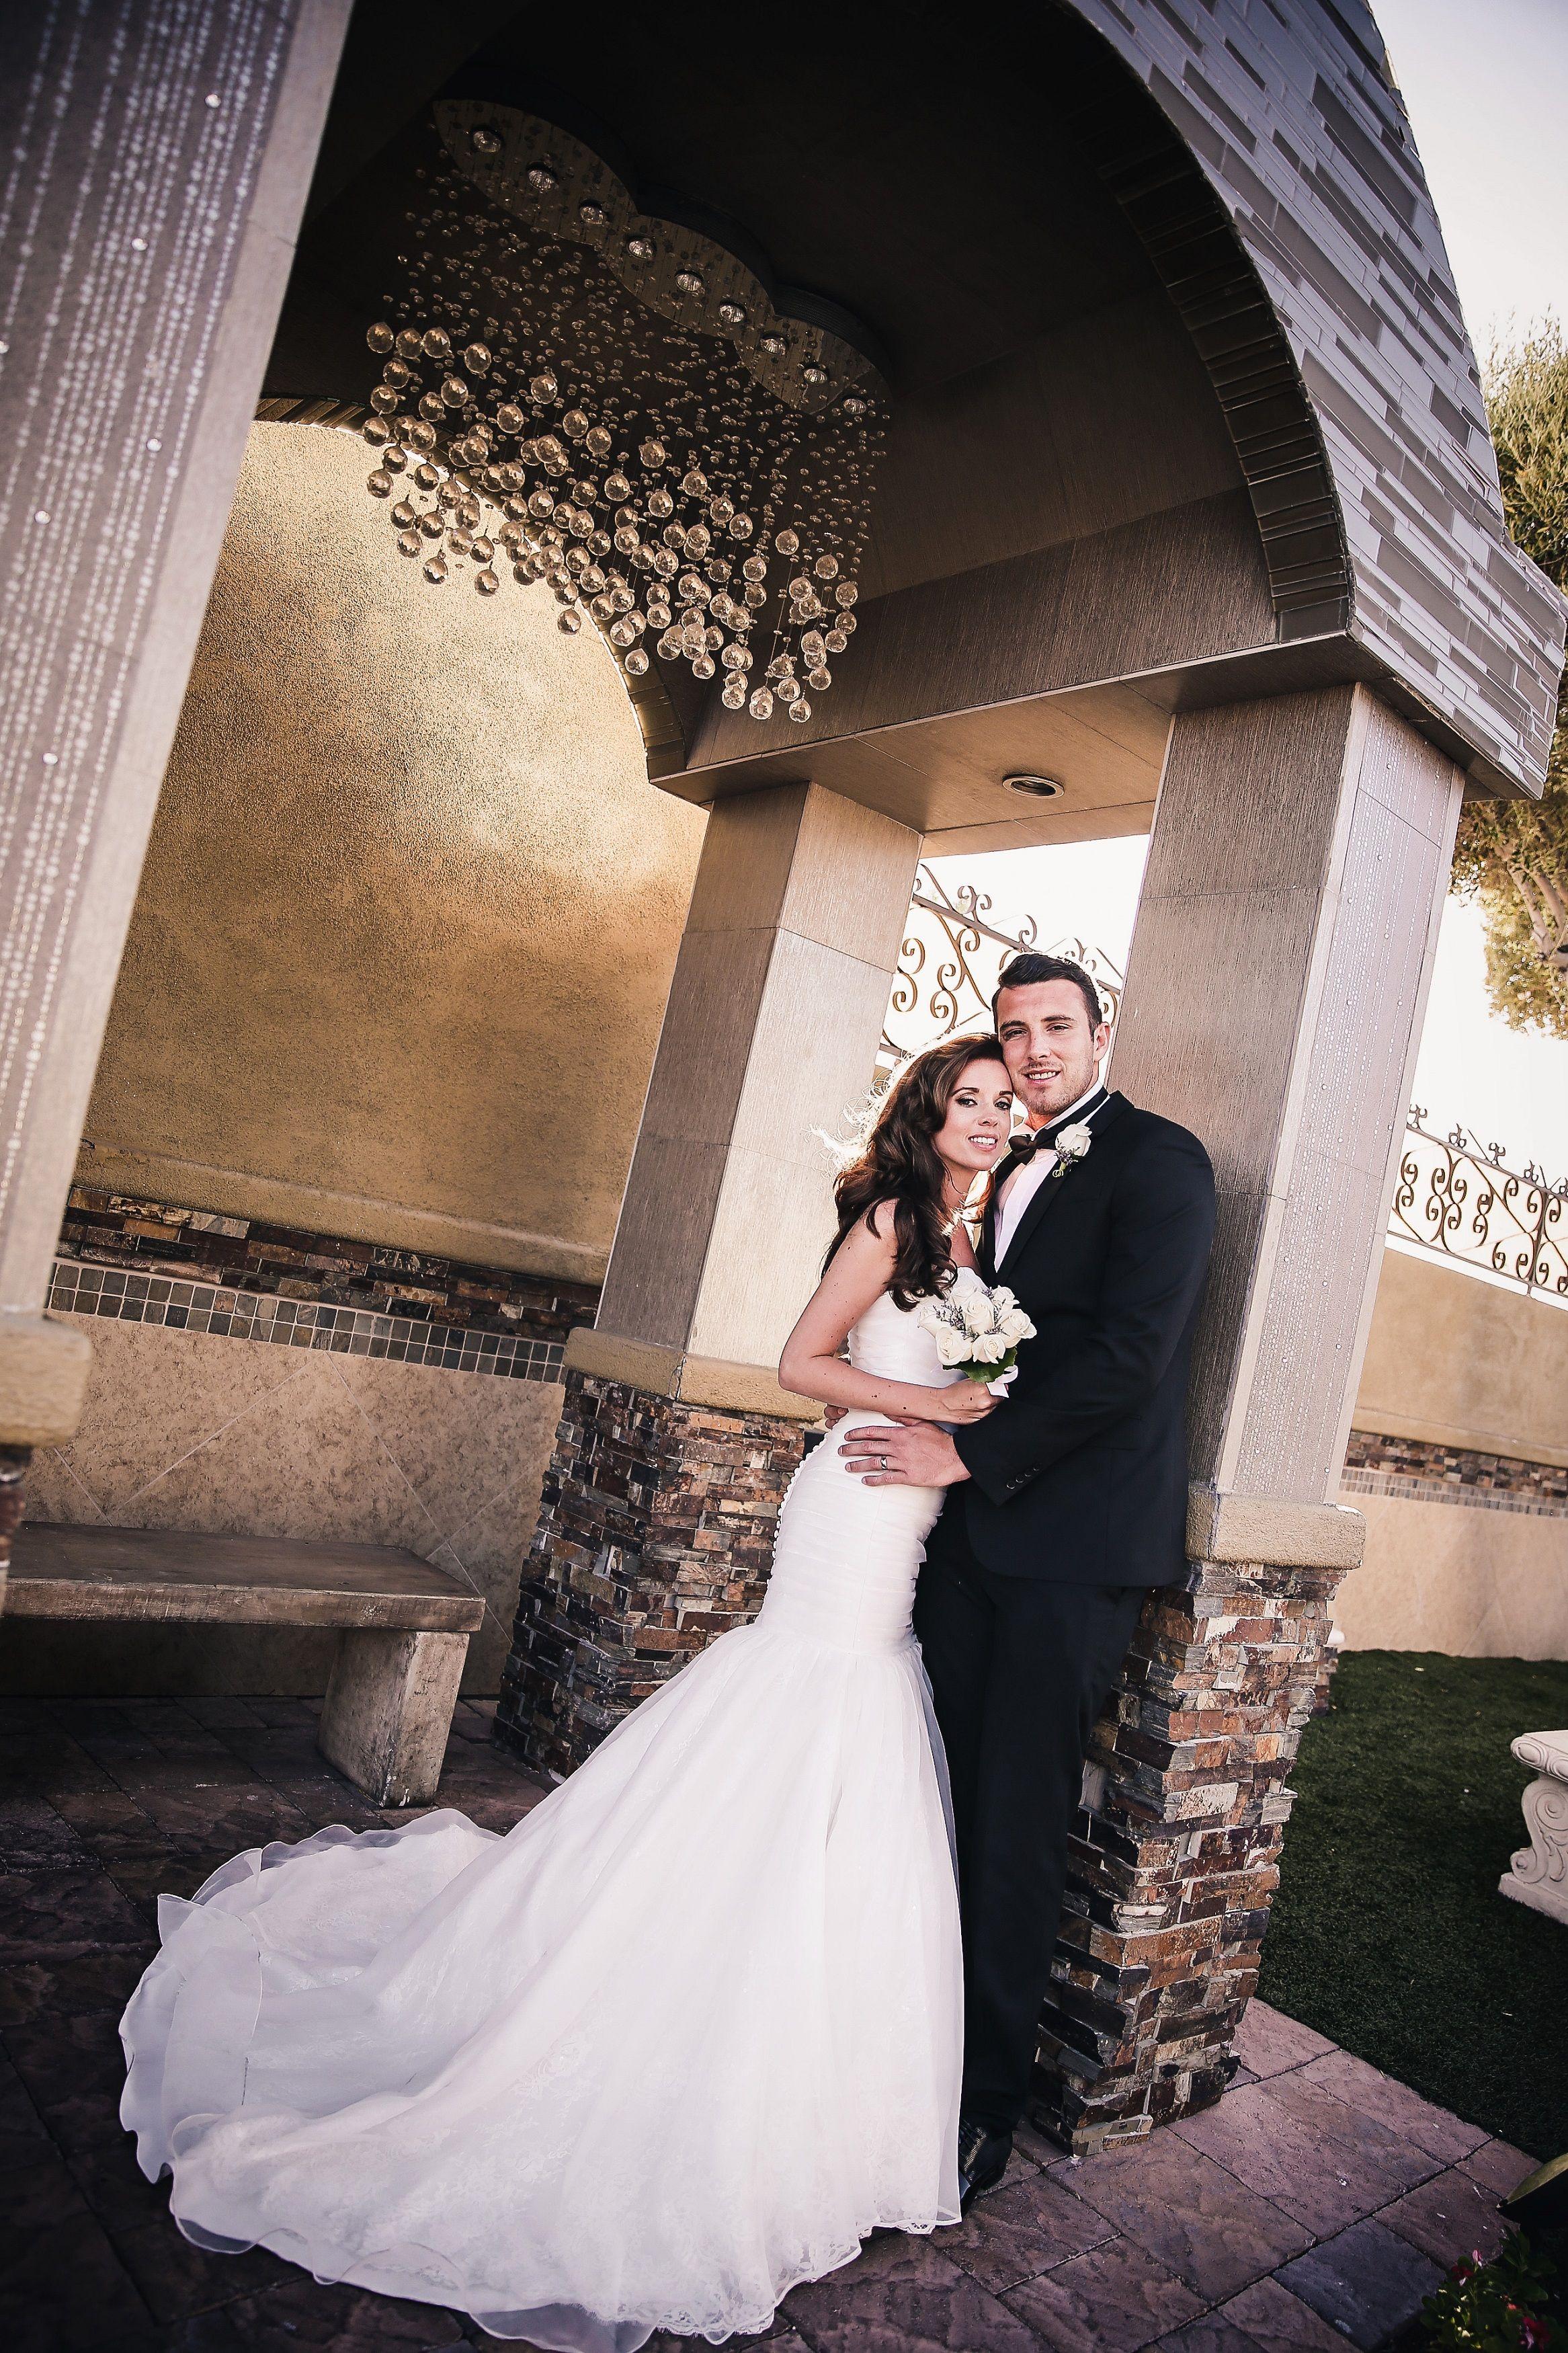 Las Vegas Weddings Wedding In Vegas Chapel Of The Flowers Las Vegas Wedding Ceremony Las Vegas Wedding Chapel Vegas Wedding Chapel